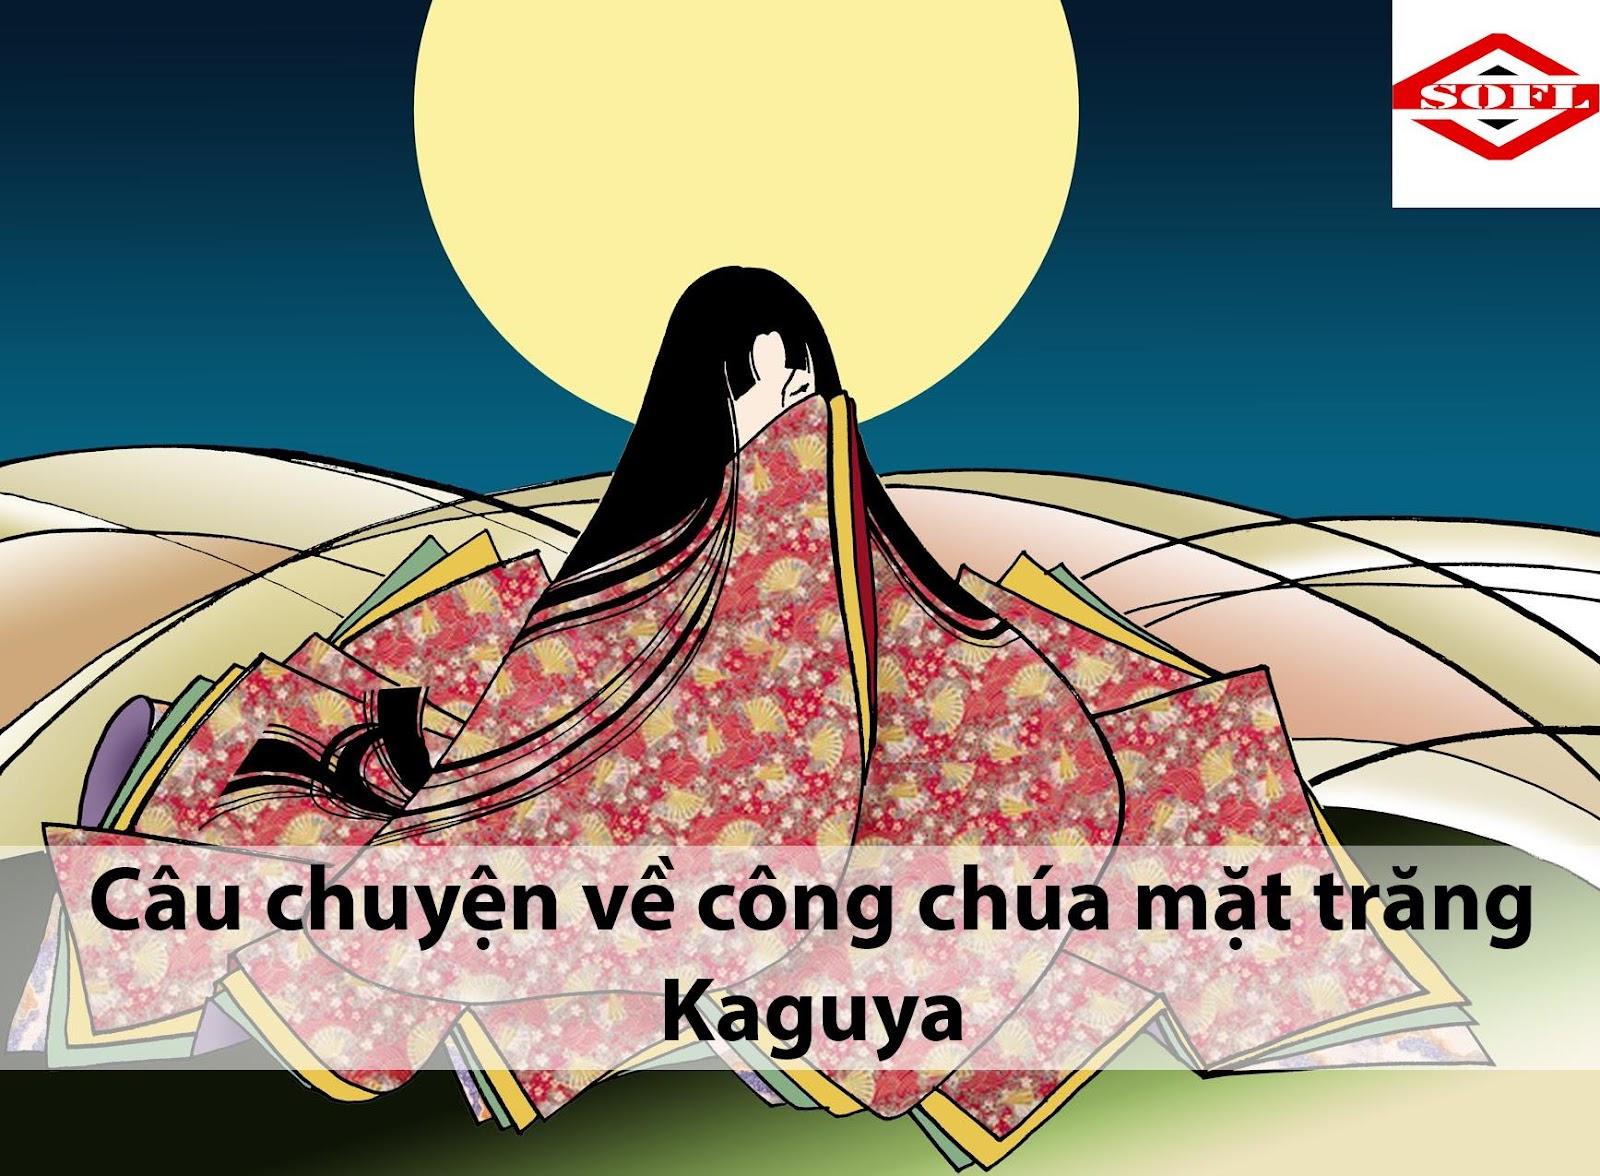 Câu chuyện về công chúa mặt trăng Kaguya